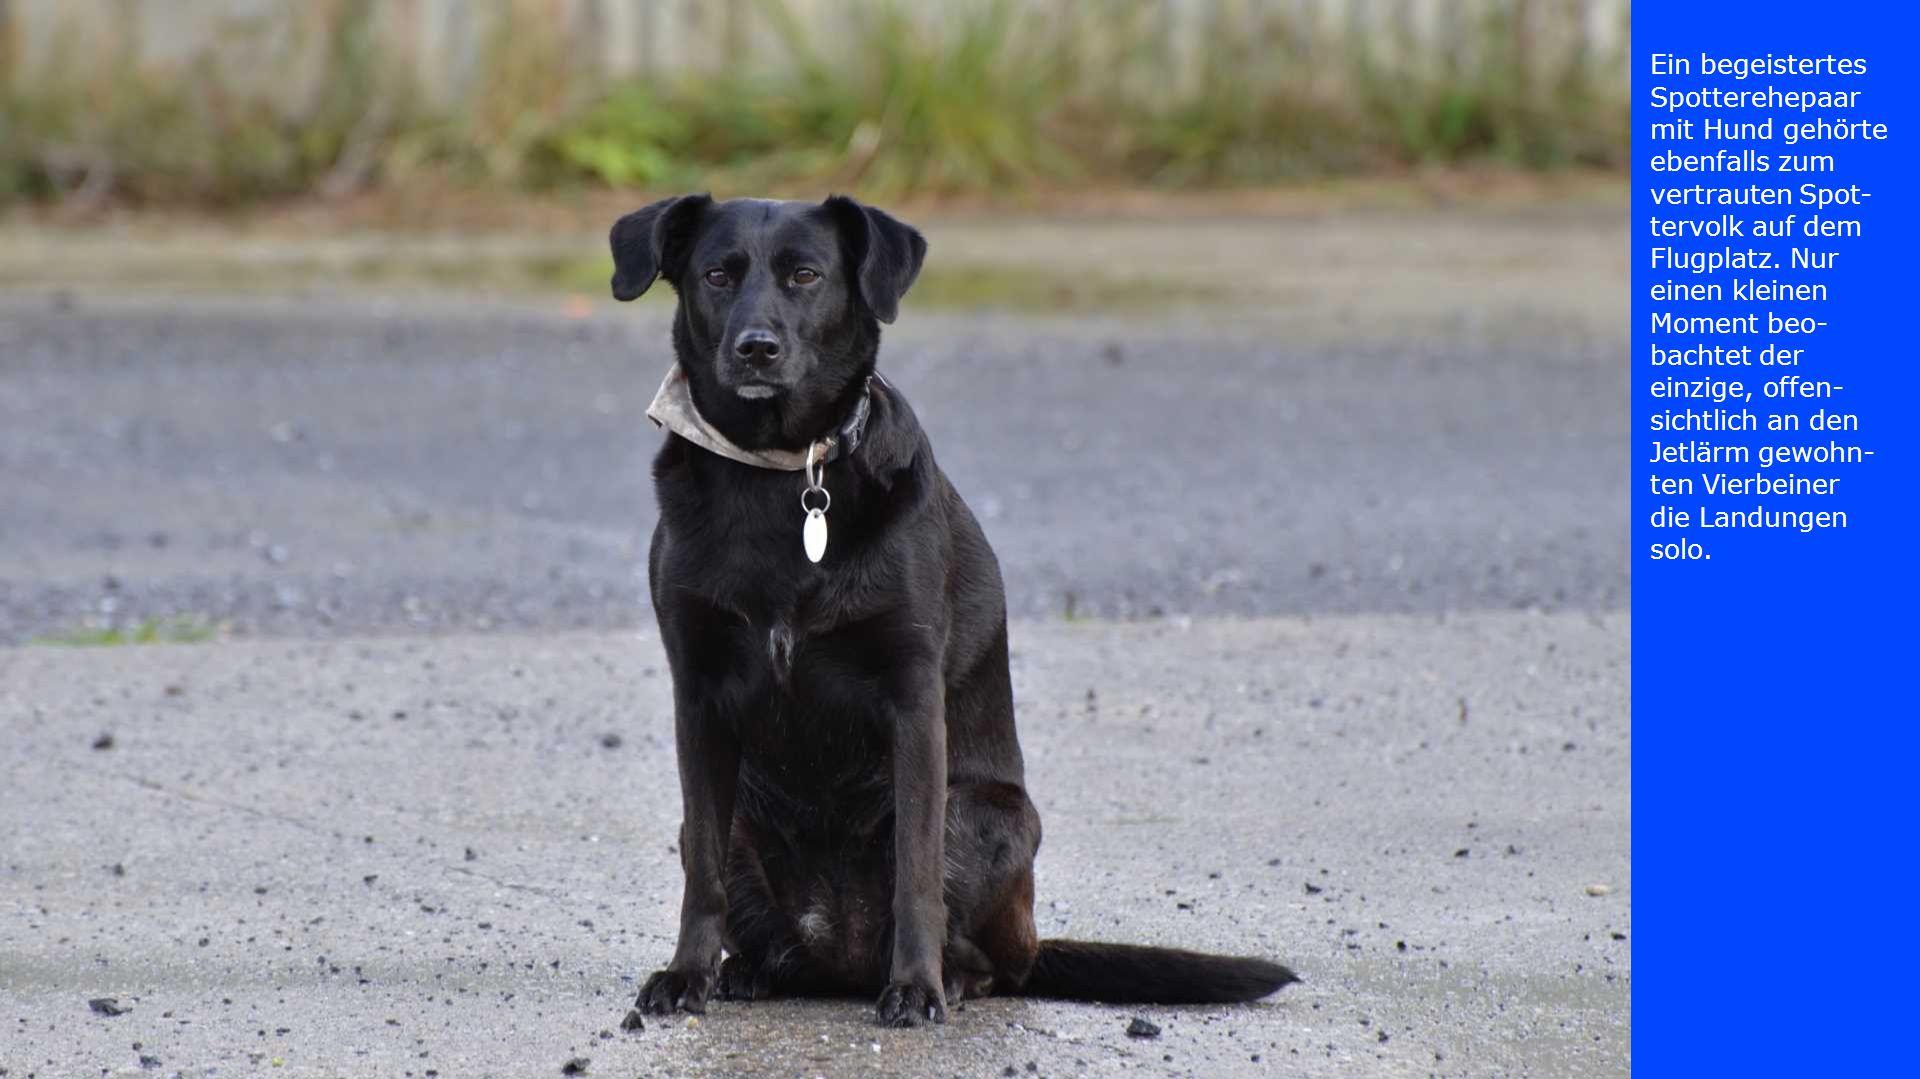 Ein begeistertes Spotterehepaar mit Hund gehörte ebenfalls zum vertrauten Spot- tervolk auf dem Flugplatz. Nur einen kleinen Moment beo- bachtet der e